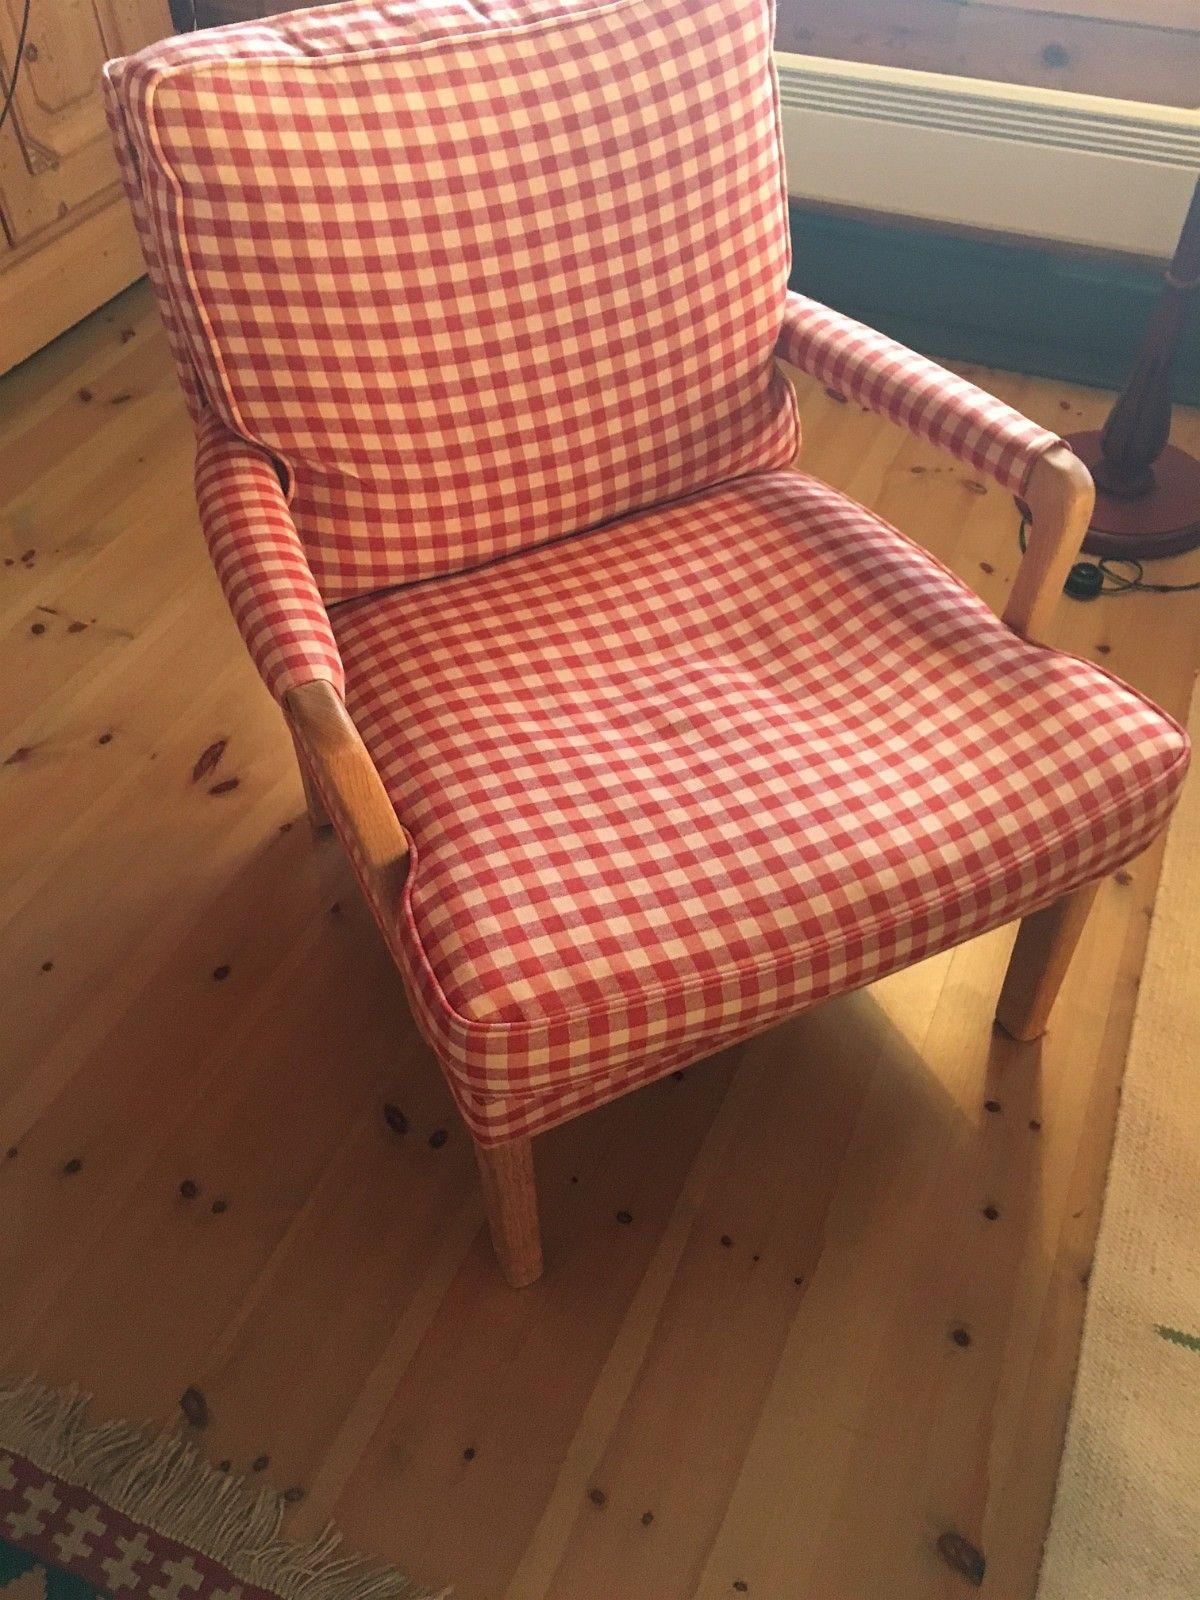 Groovy Hødnebø stol med rødrutet ullstoff ønskes kjøpt | FINN.no TH-15